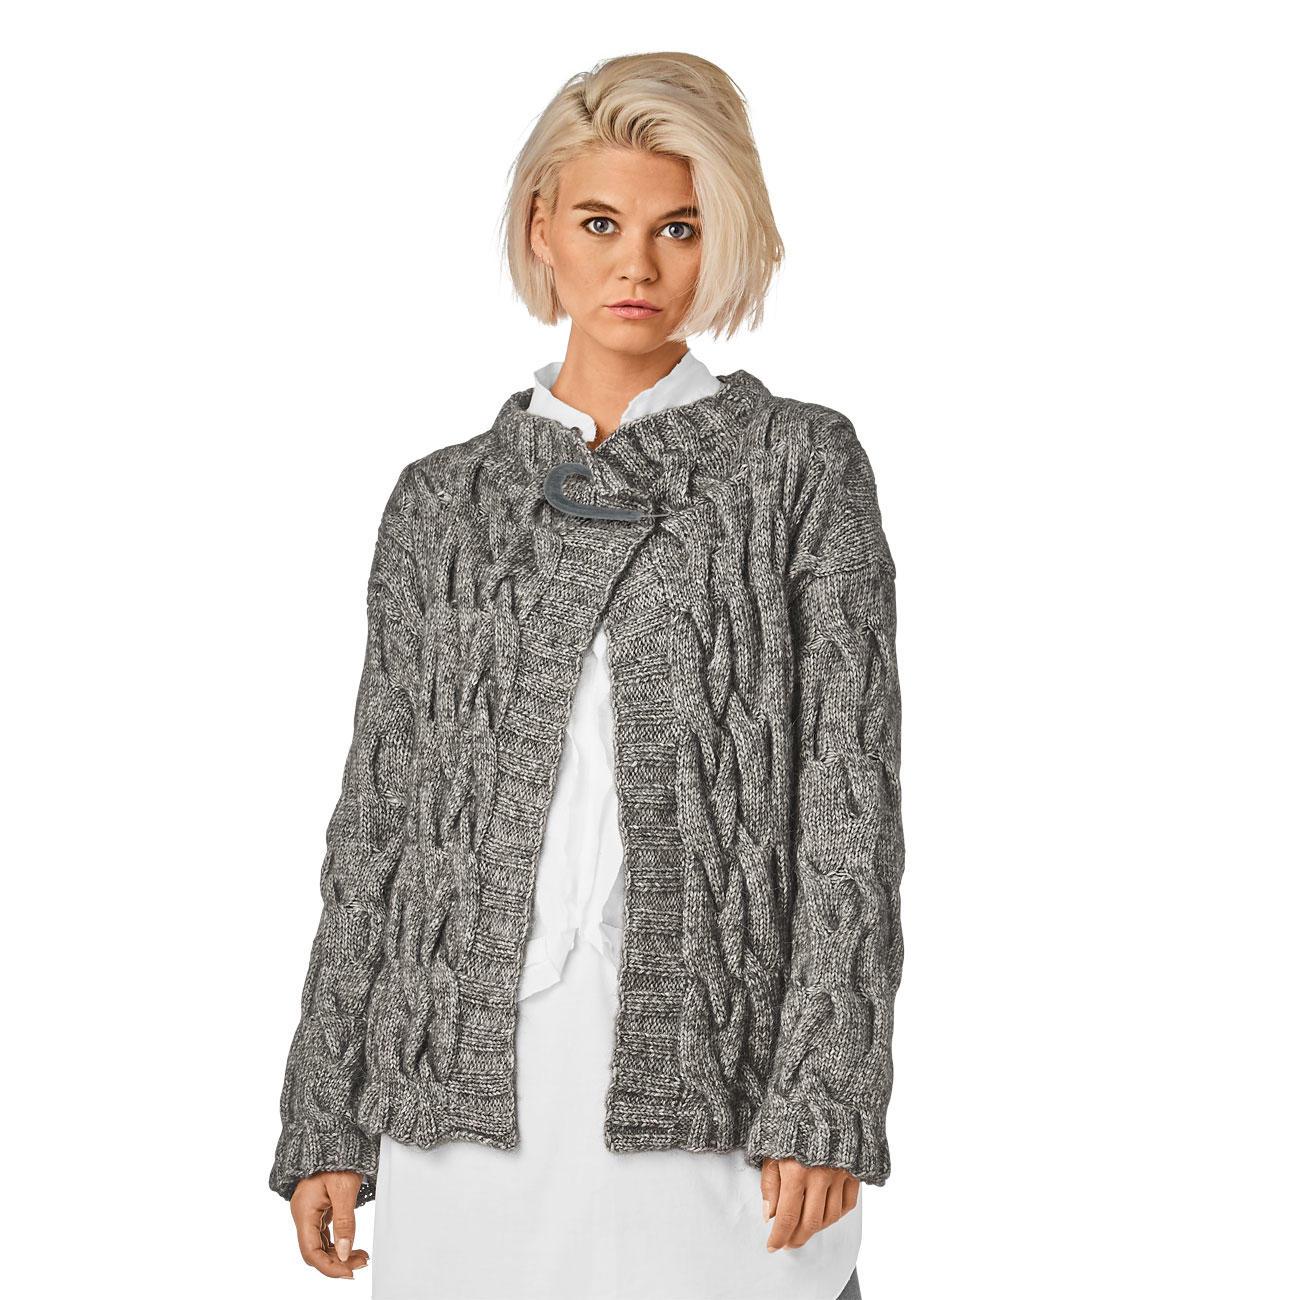 Anleitung 3508, Jacke aus Alpaca Cotton von Junghans Wolle